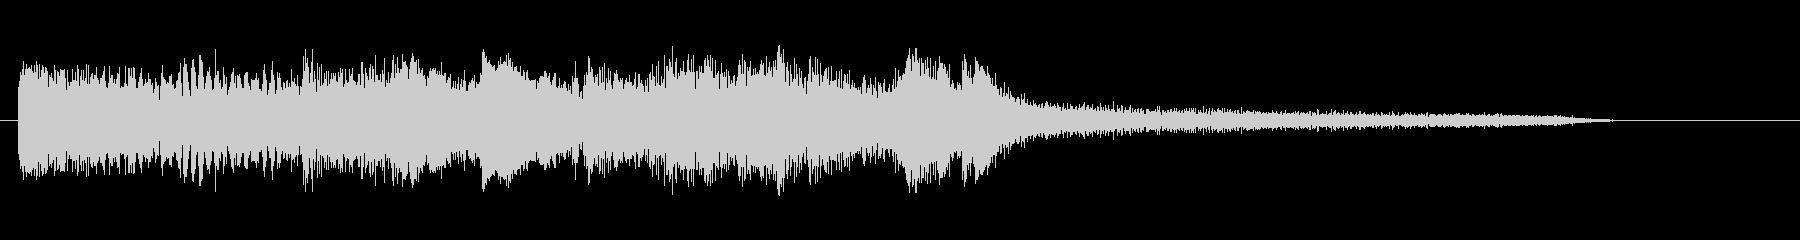 シリアスでモダンなピアノジングルの未再生の波形